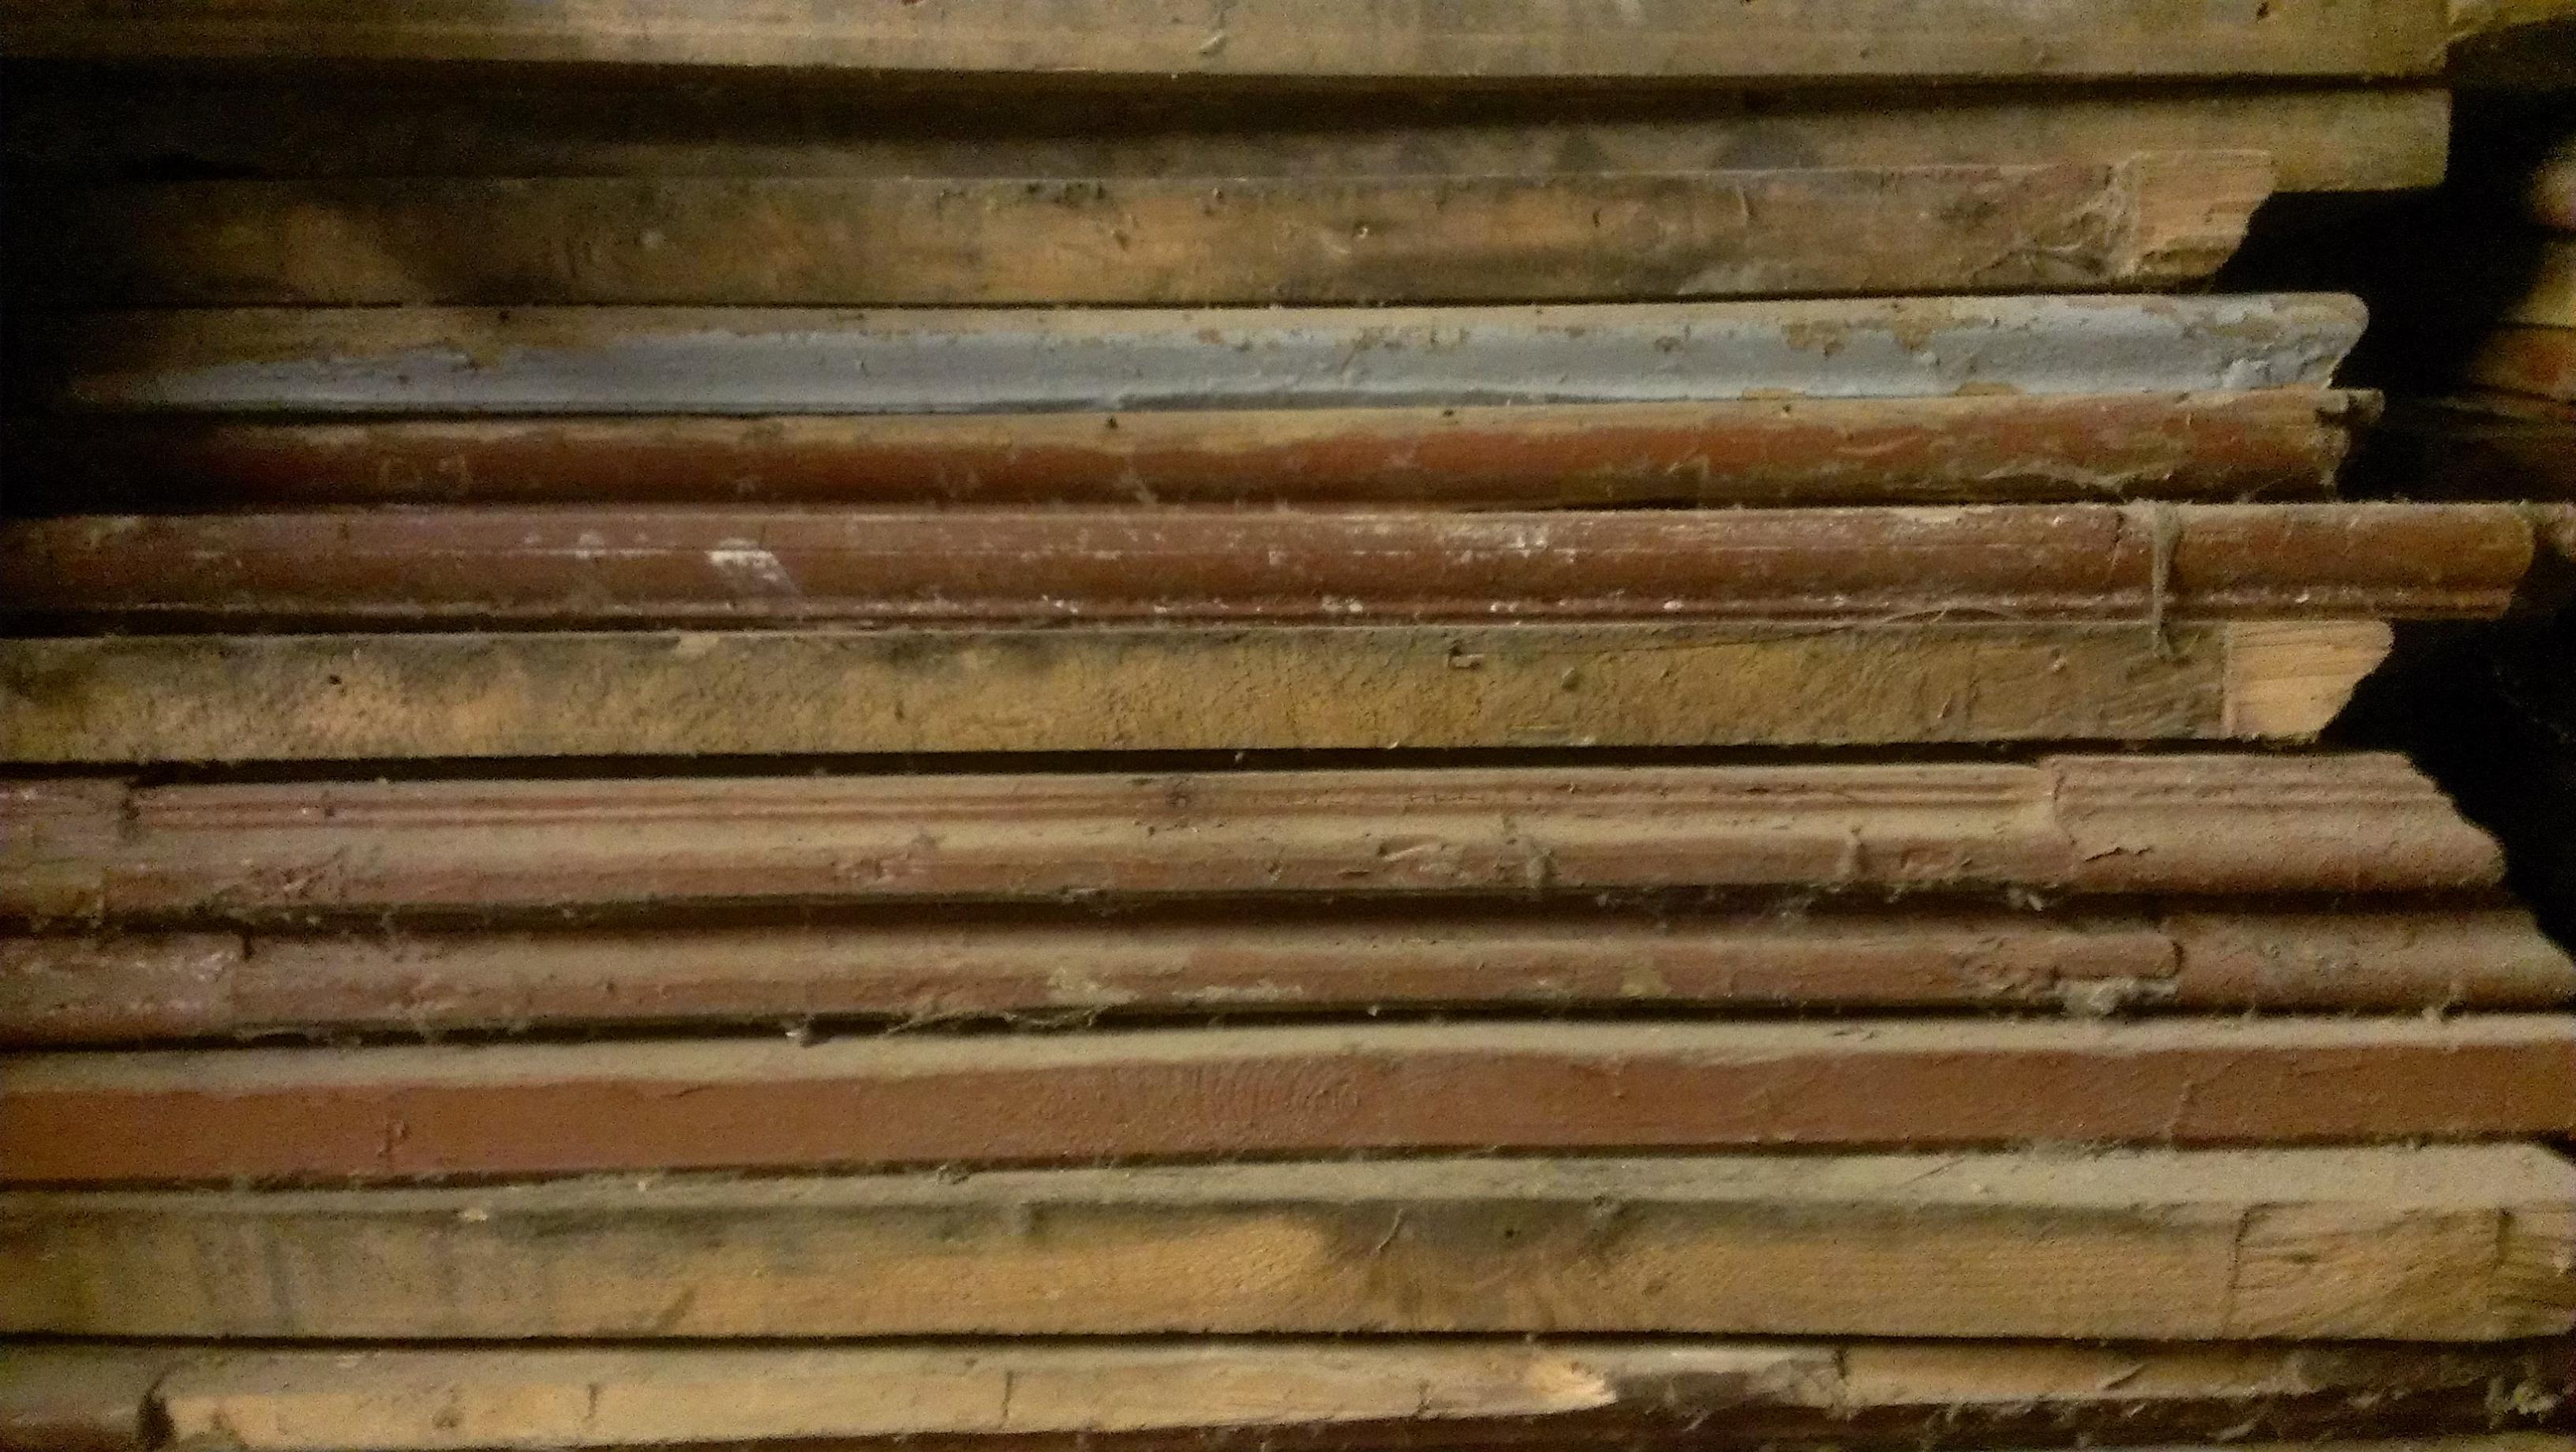 Treppenstufen Holz Bestellen ~   Berlin um 1900  Historische Bauelemente  Jetzt online bestellen